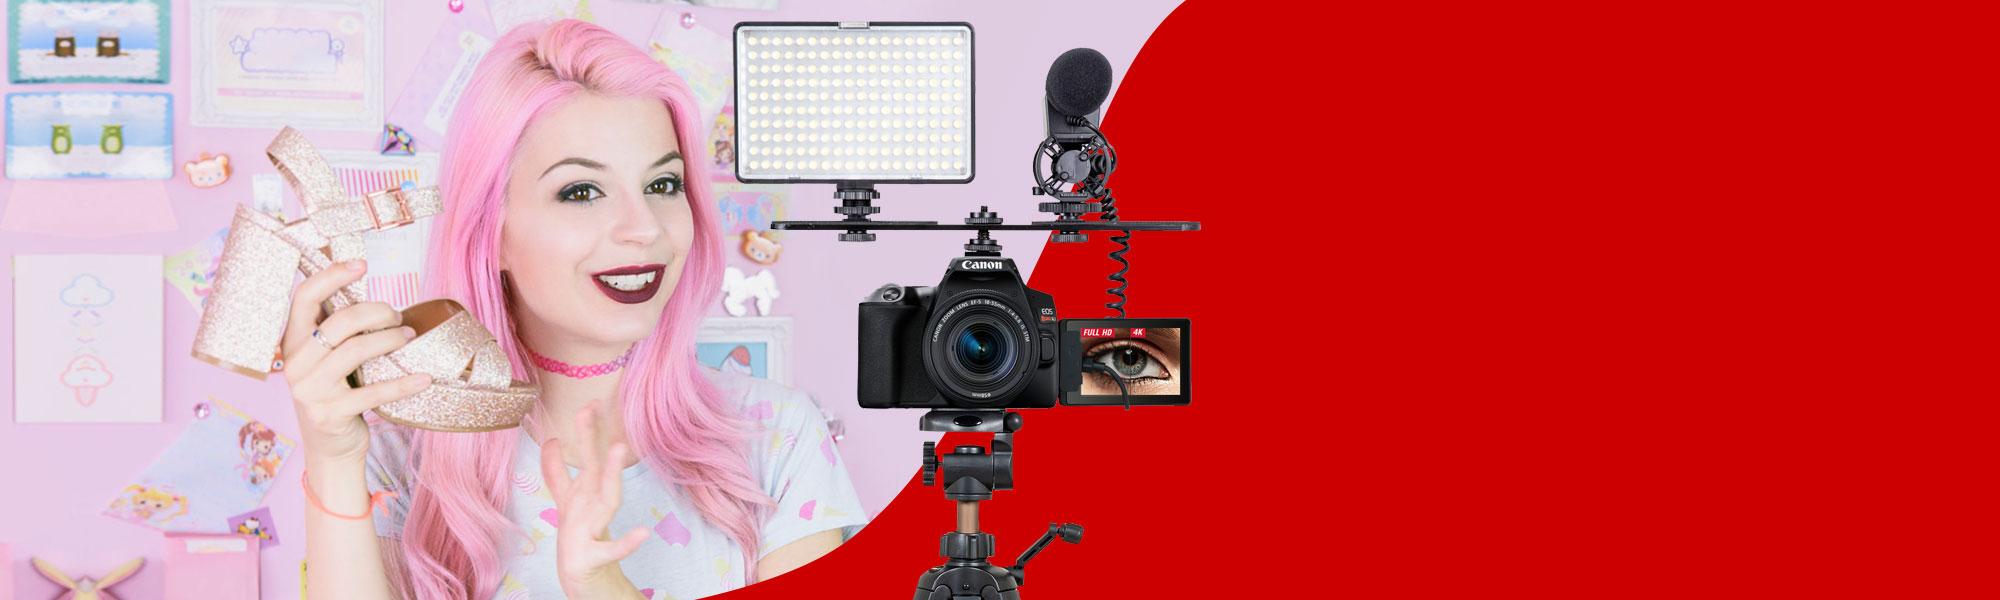 Combo Vídeo Câmera SL3 com Iluminador LED e Tripé e Microfone Reembalado – Novo